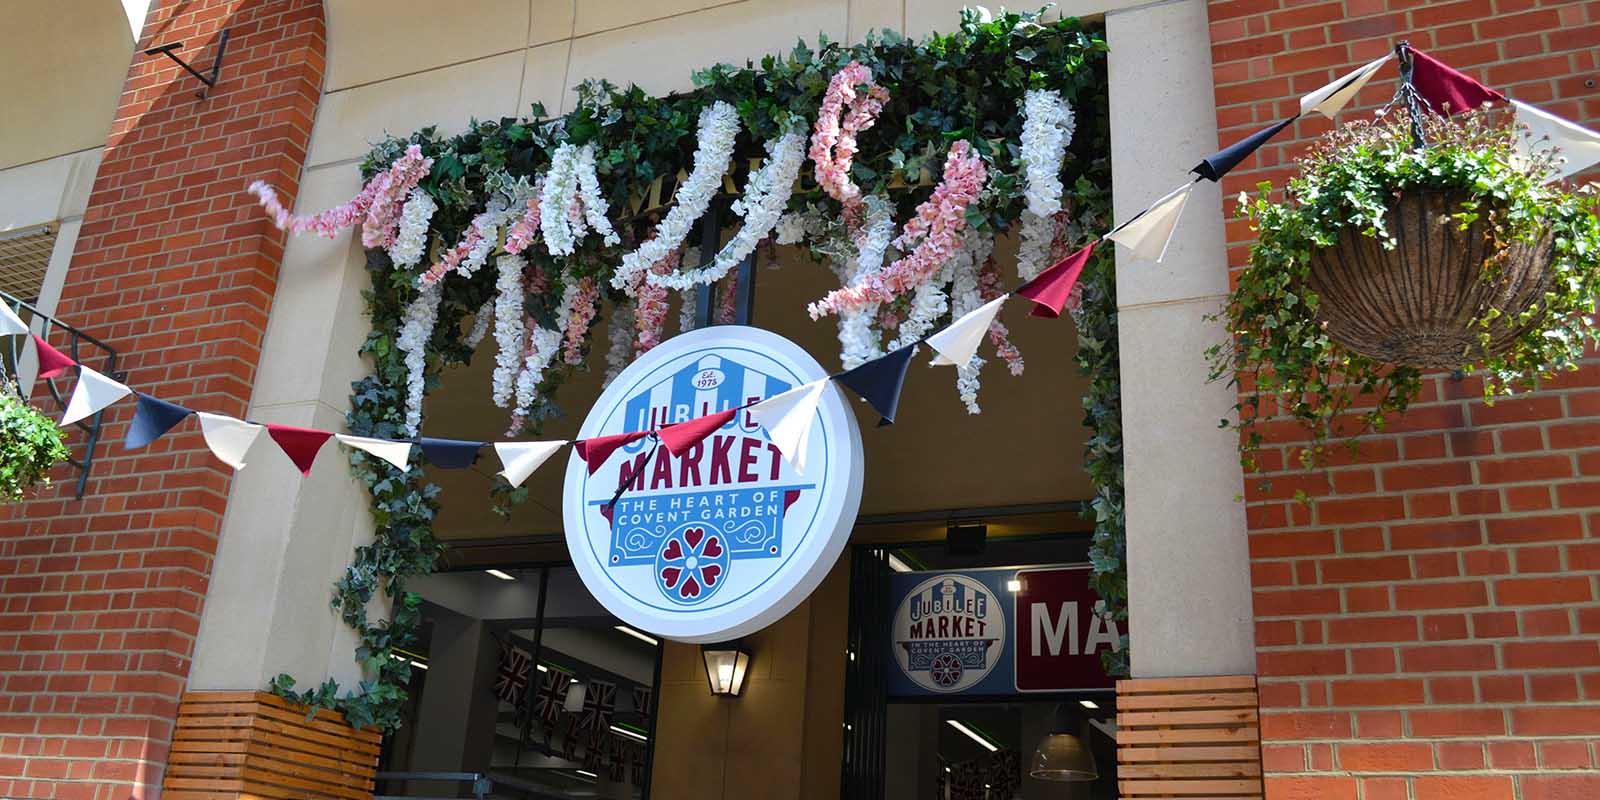 Jubilee Market en Covent Garden